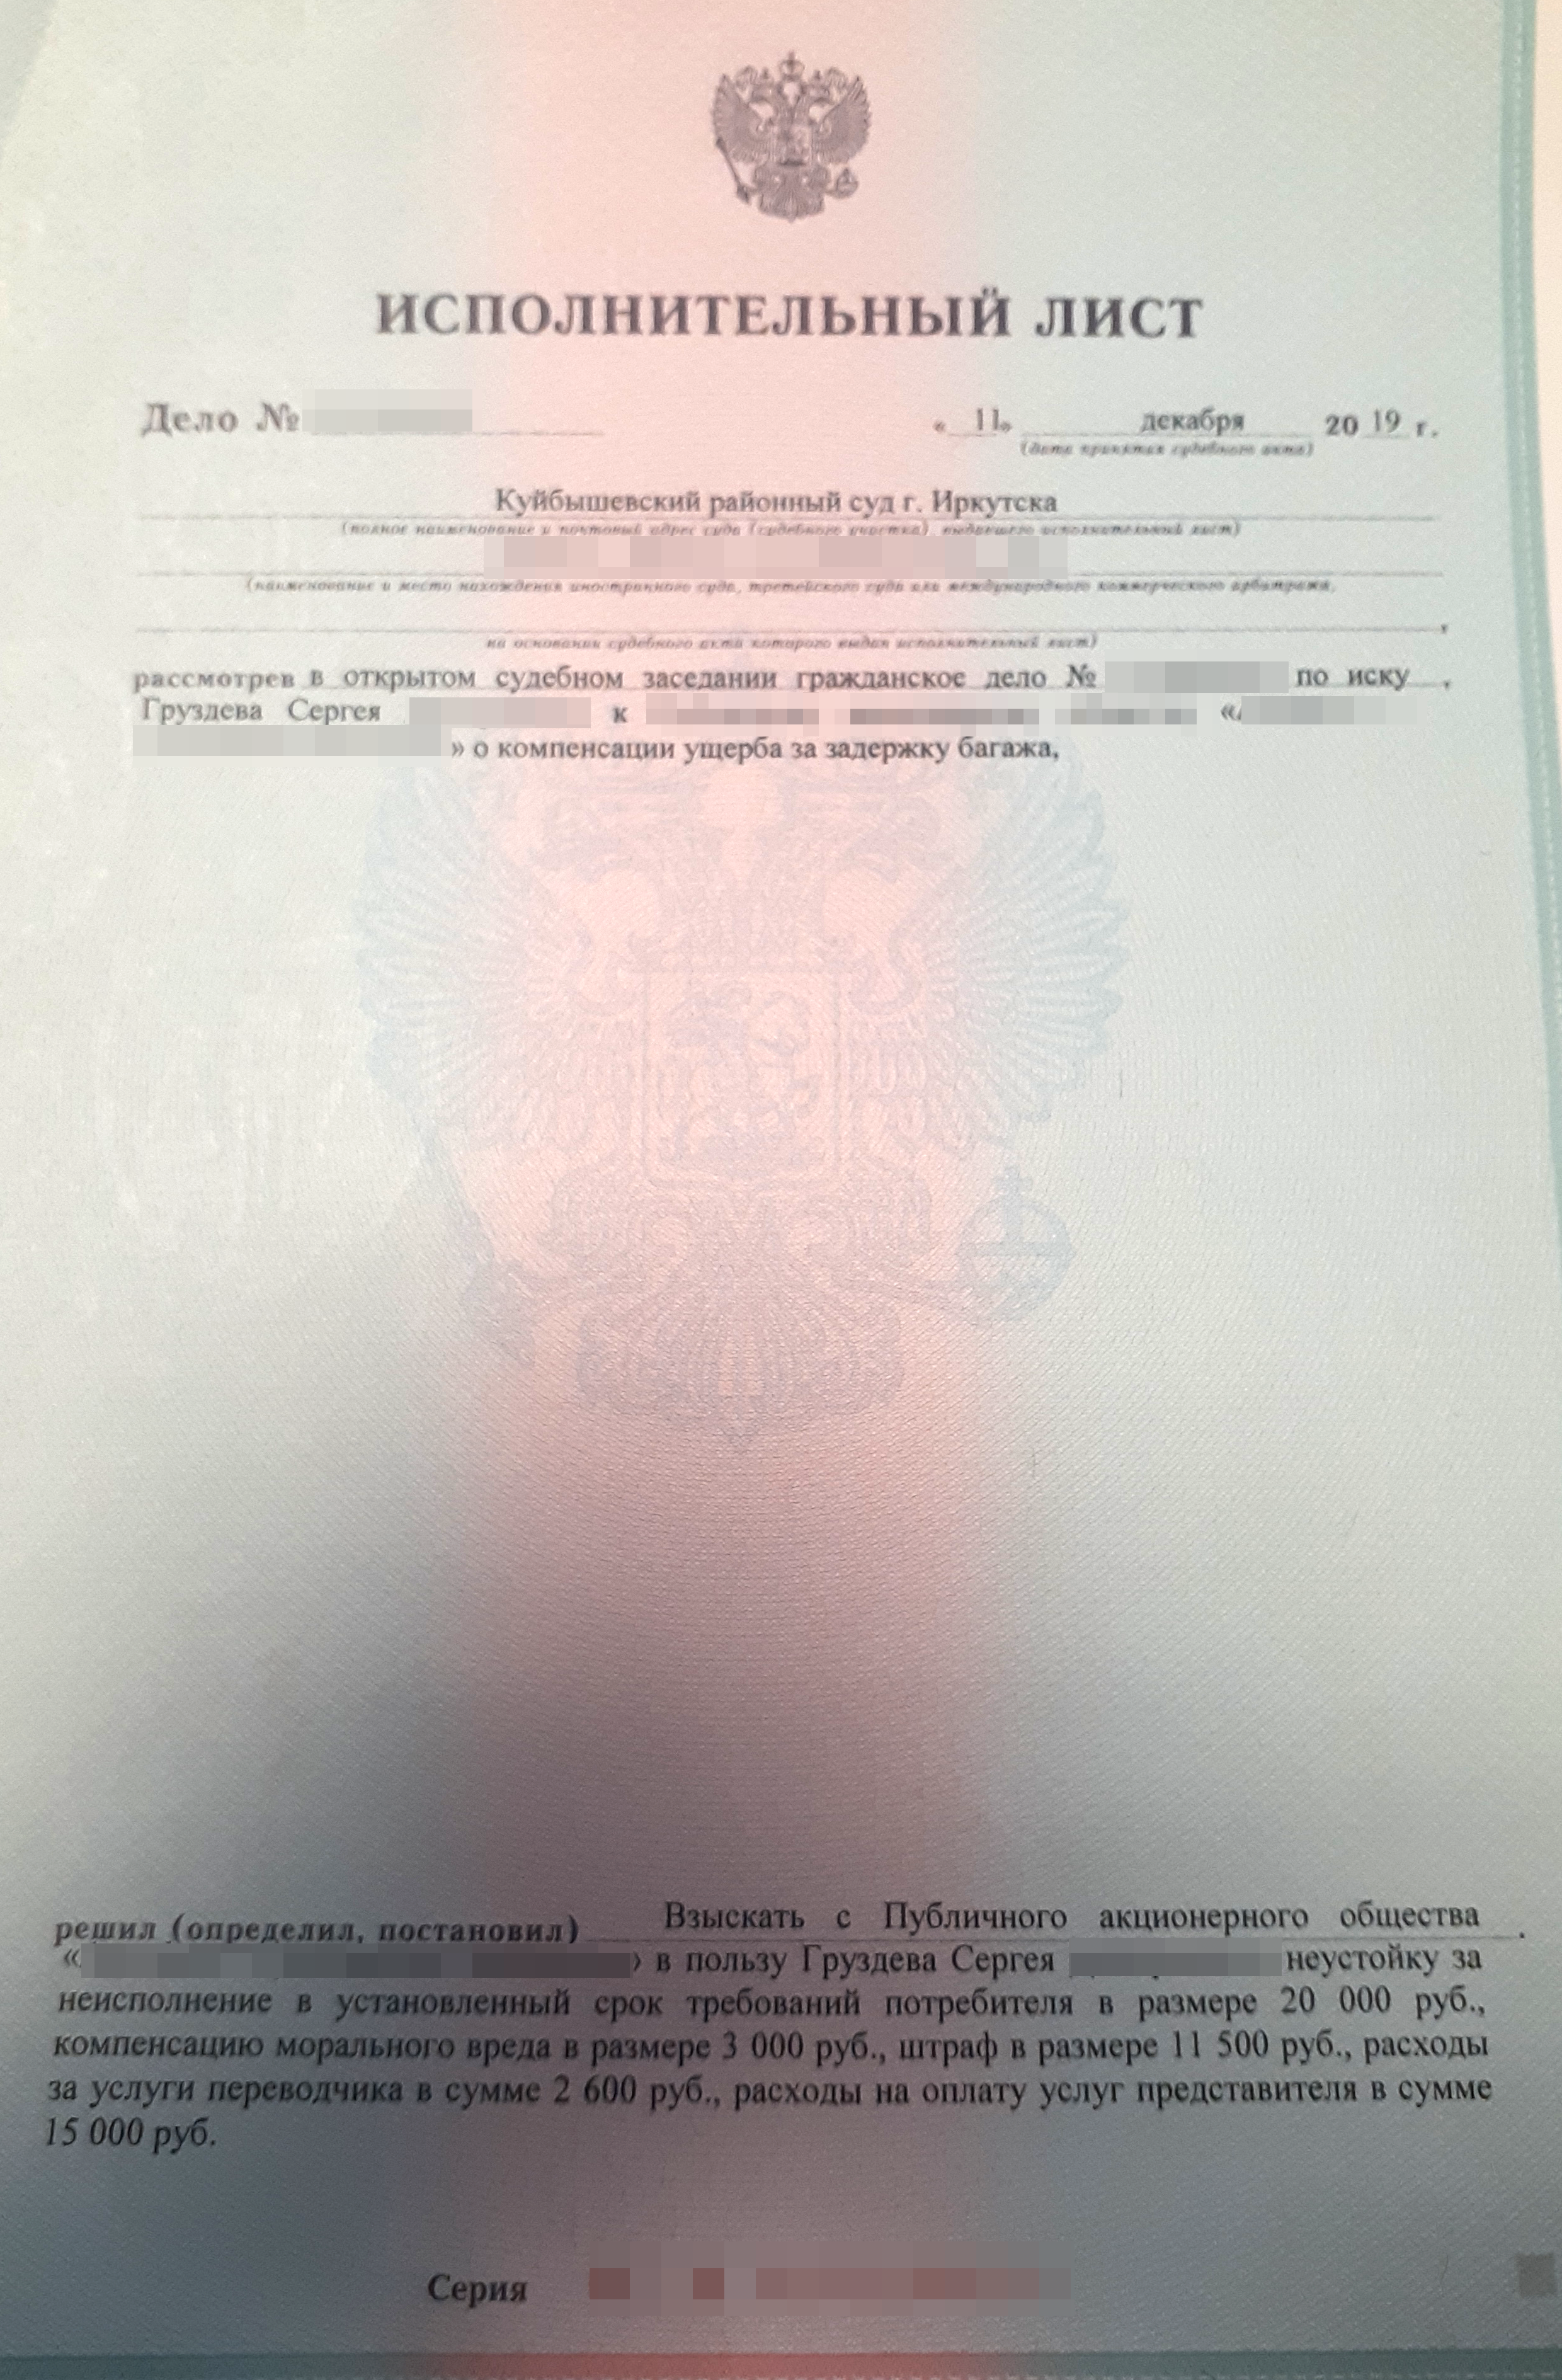 Исполнительный лист на взыскание компенсации с авиакомпании